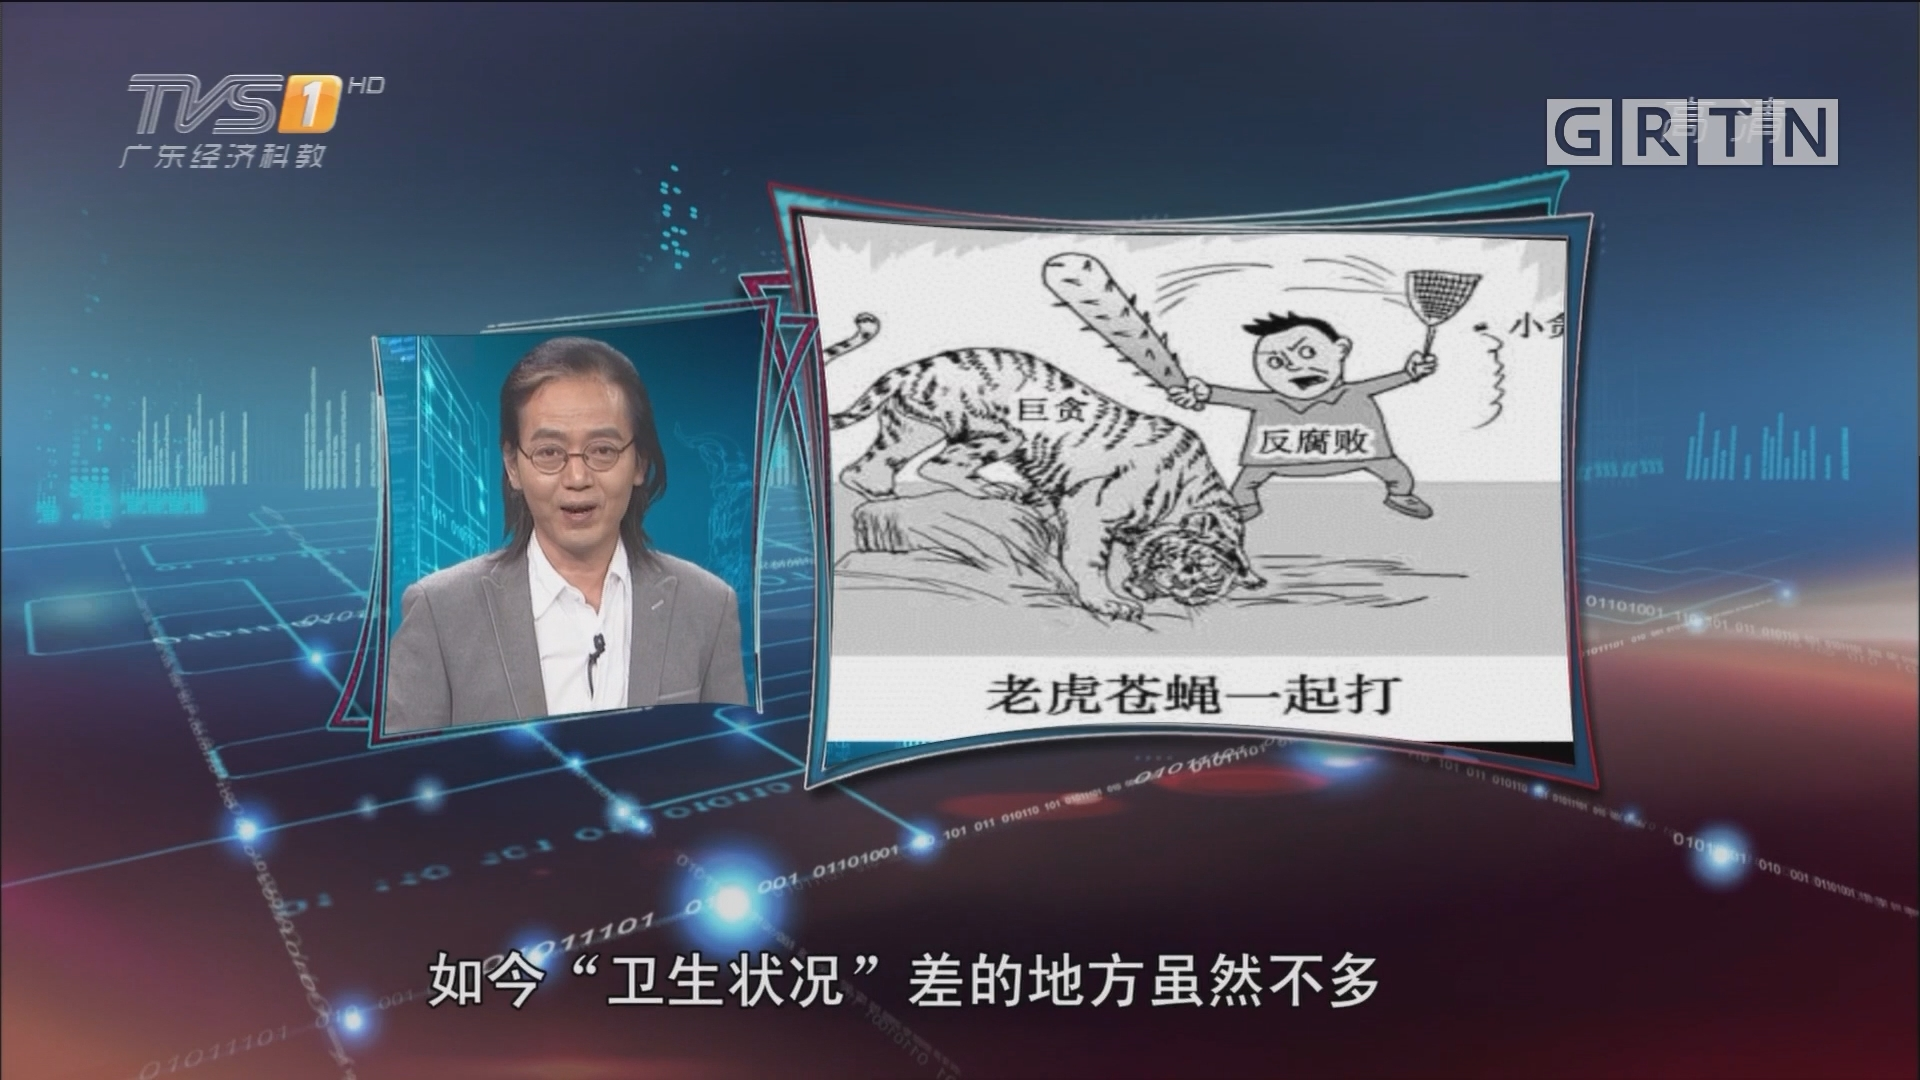 """[HD][2017-07-21]马后炮:""""灭鼠拍蝇""""清理小环境 必须宜将剩勇追穷寇"""